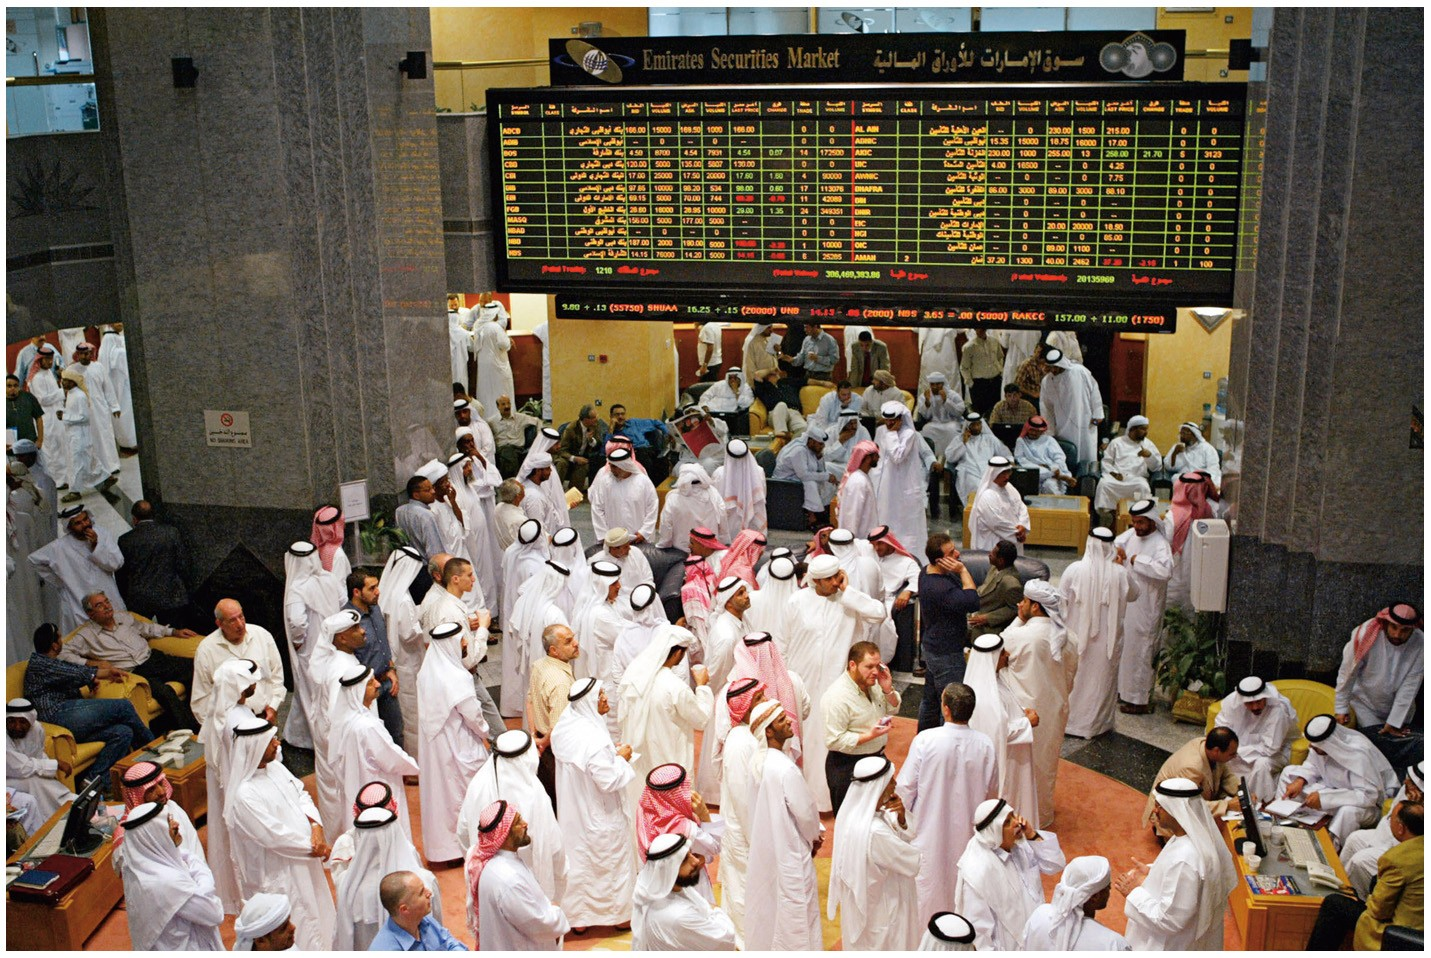 الإمارات توسع التسهيلات للمستثمرين الأجانب في مواجهة الأزمة الاقتصادية